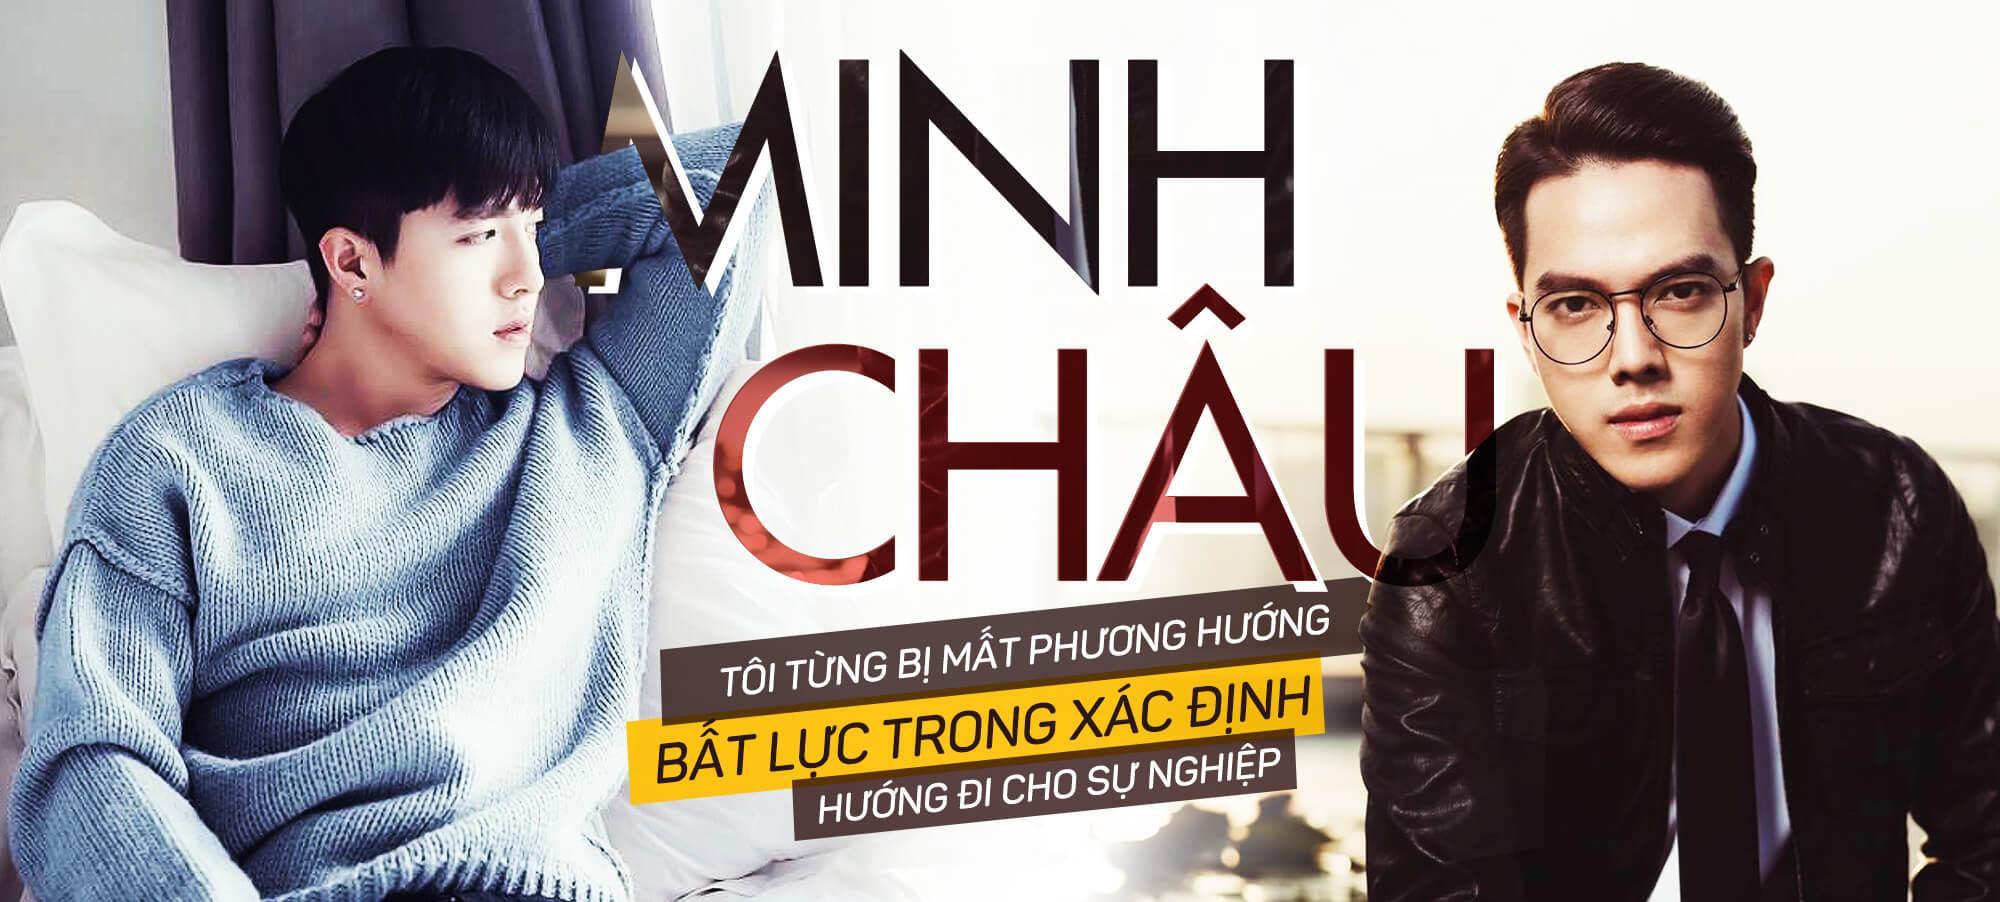 Hot boy Minh Châu: Tôi từng mất phương hướng, bất lực trong sự nghiệp-2